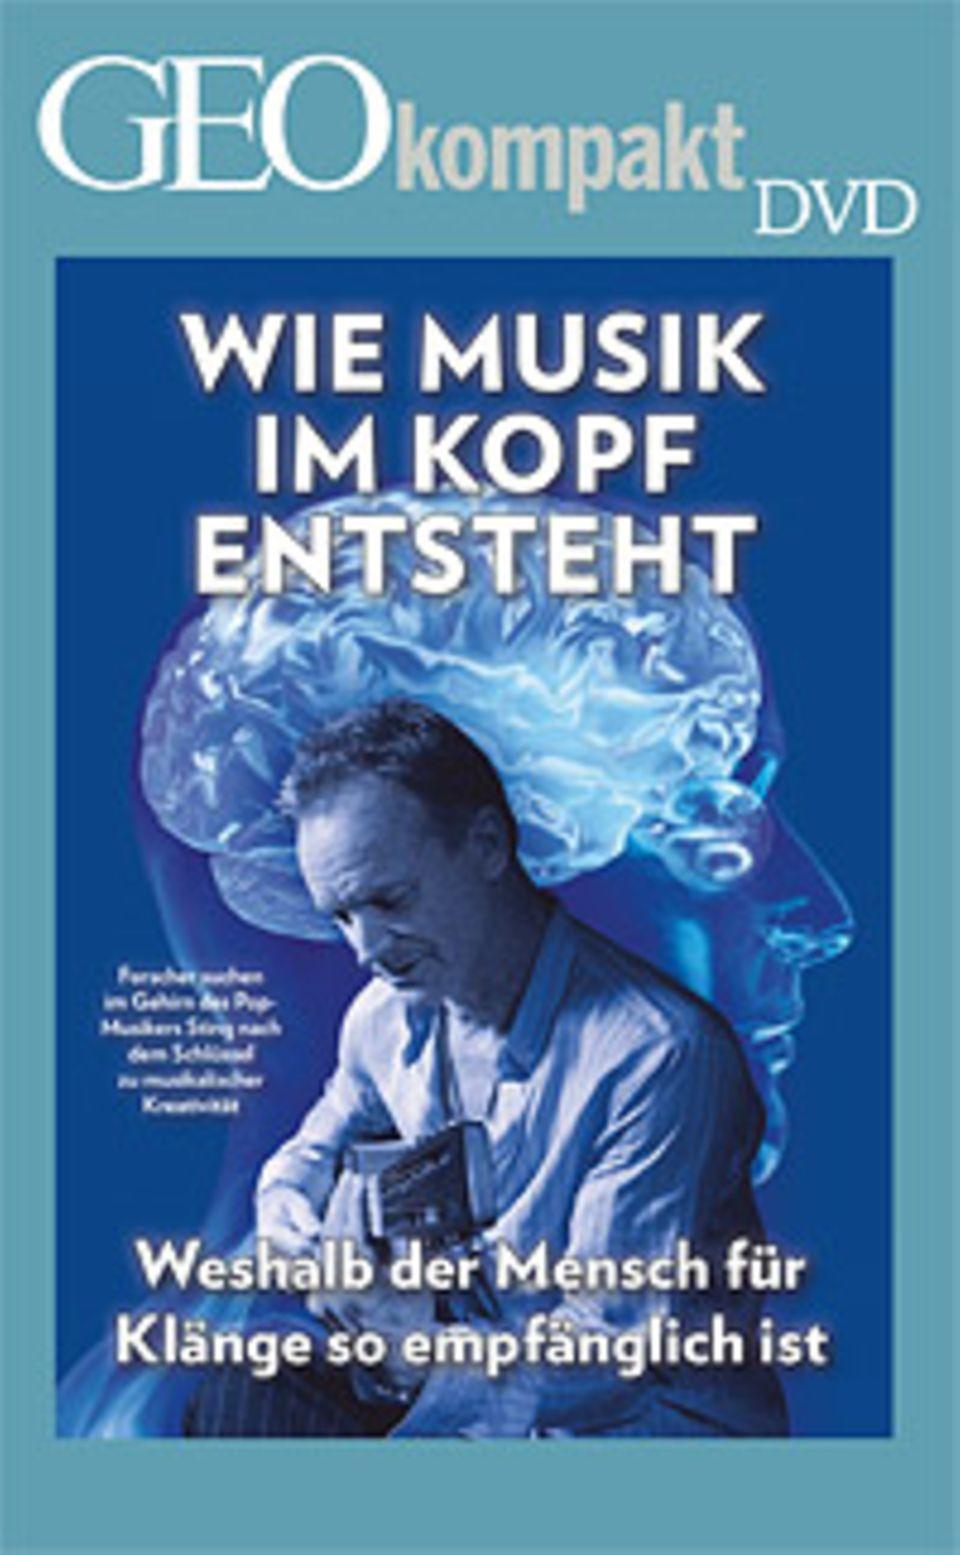 """GEOkompakt Nr. 36 """"Unsere Sinne"""" ist auch mit DVD erhältlich"""